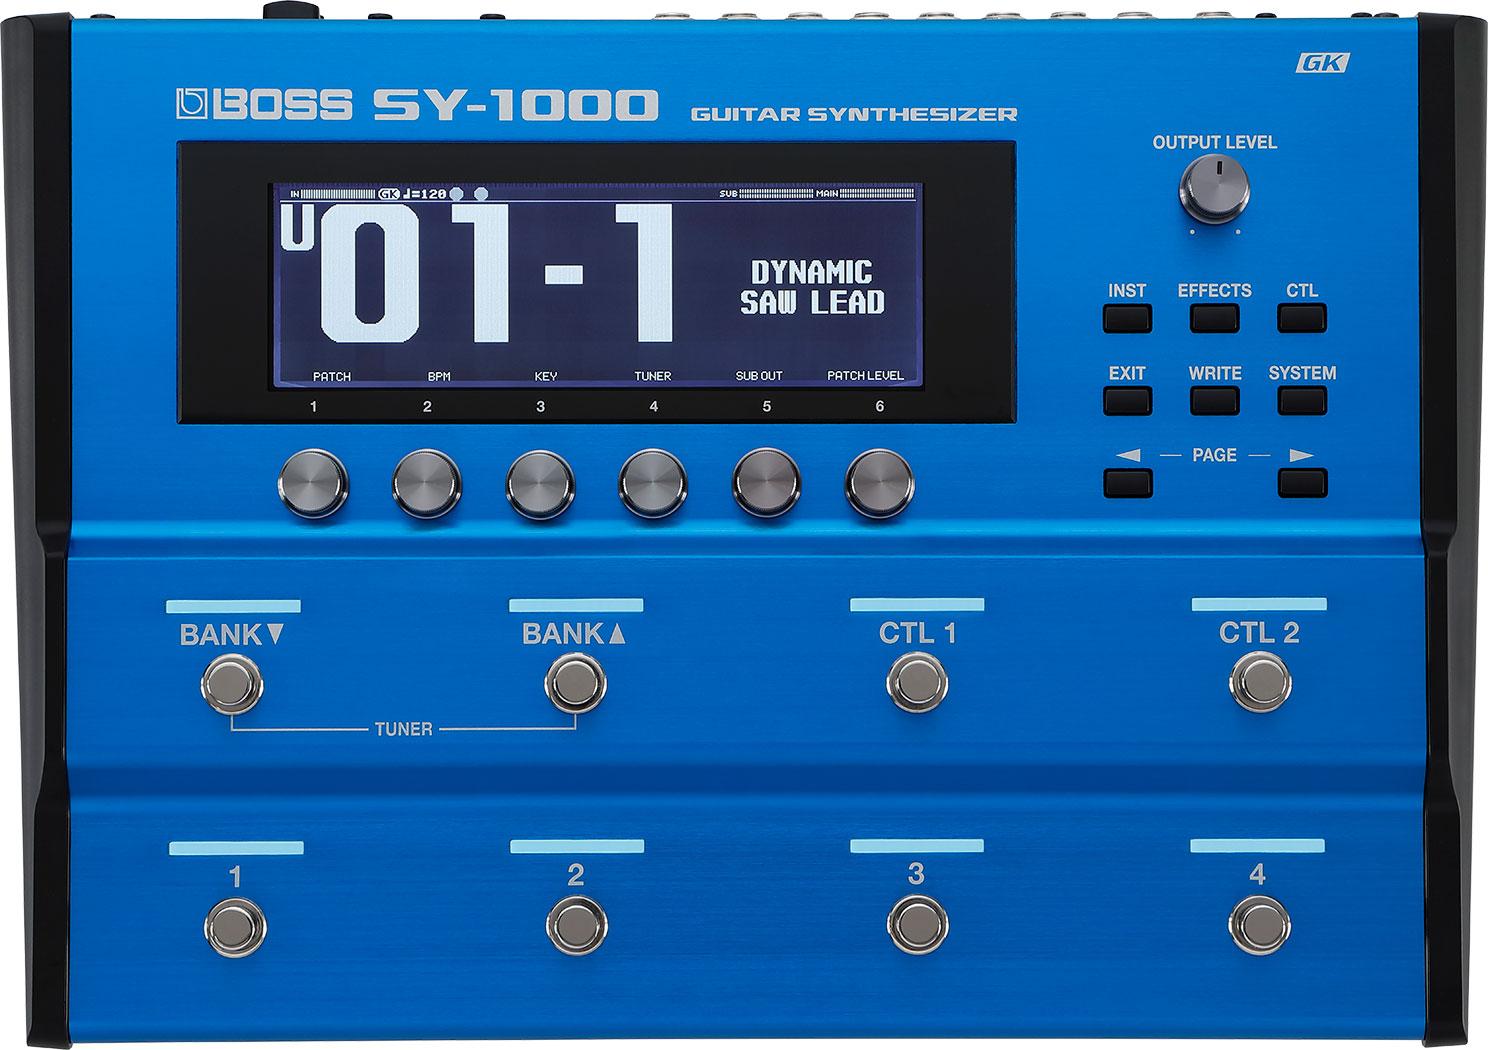 ギター用アクセサリー・パーツ, エフェクター BOSS SY-1000 Guitar Synthesizer